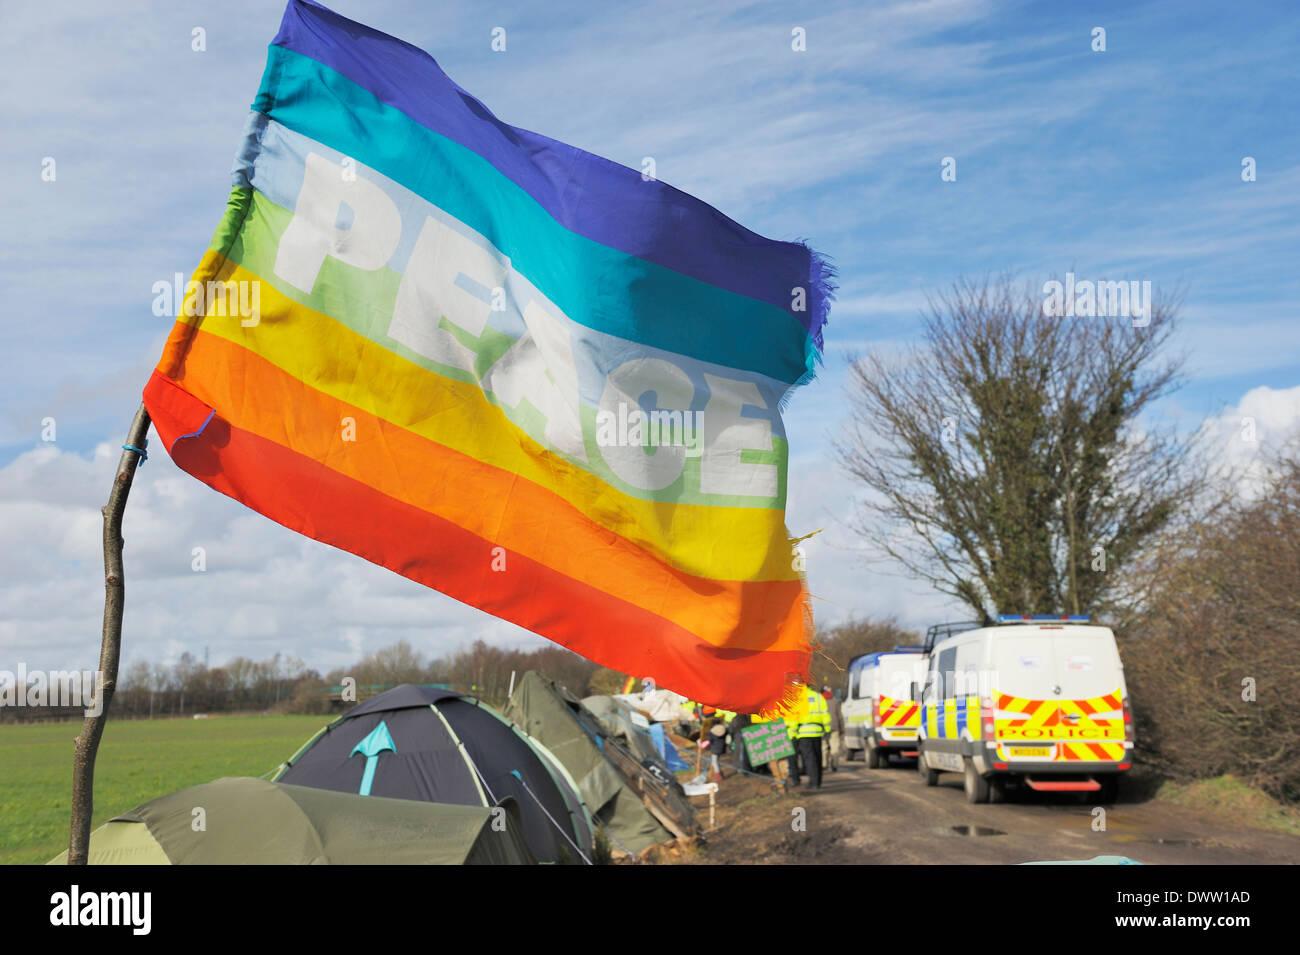 Drapeau de la paix volant à Barton Moss comme camp de la protection de ces convois de police Photo Stock